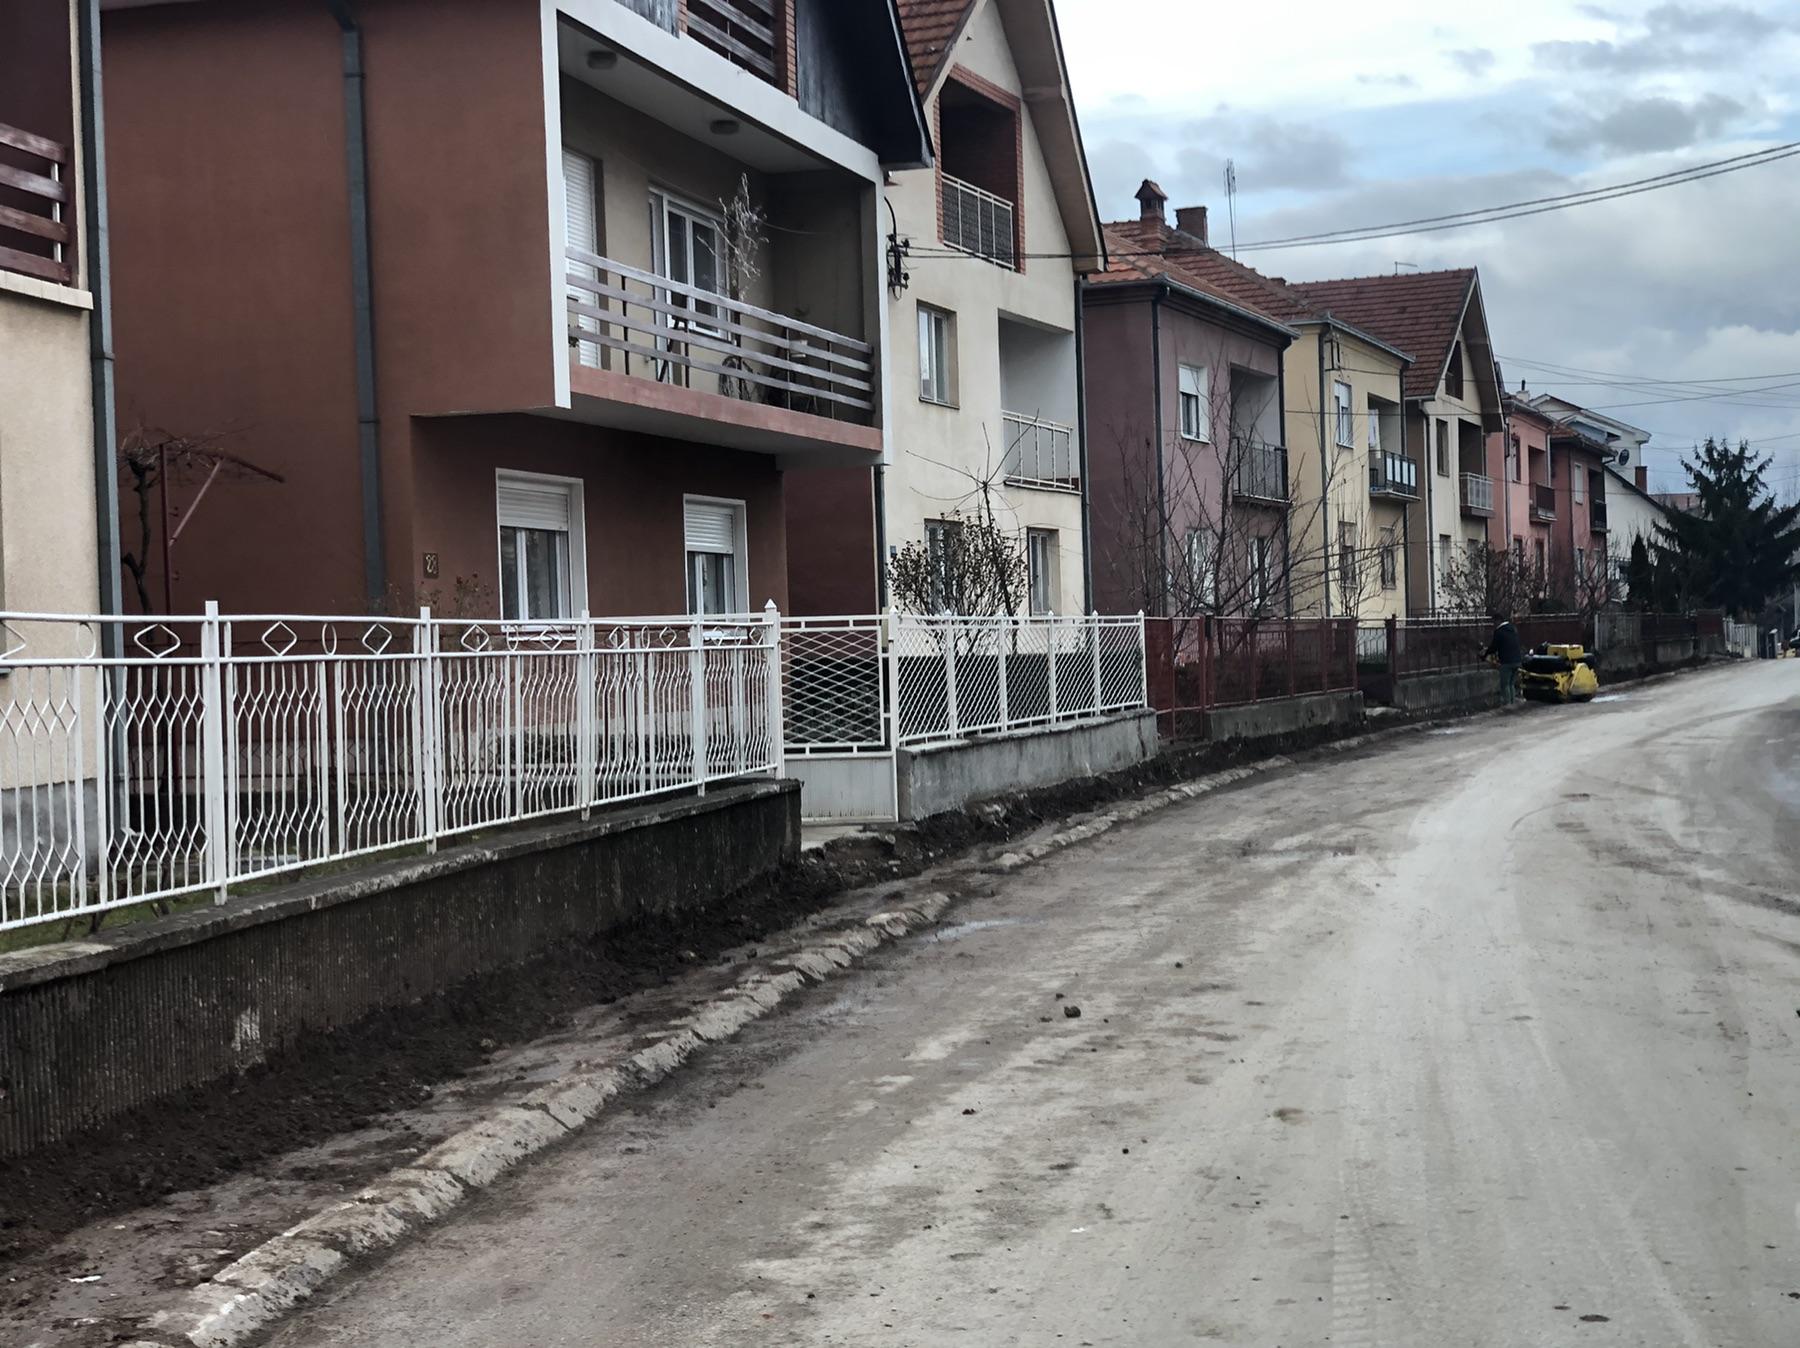 Izgradnja trotoara, foto: D.M.